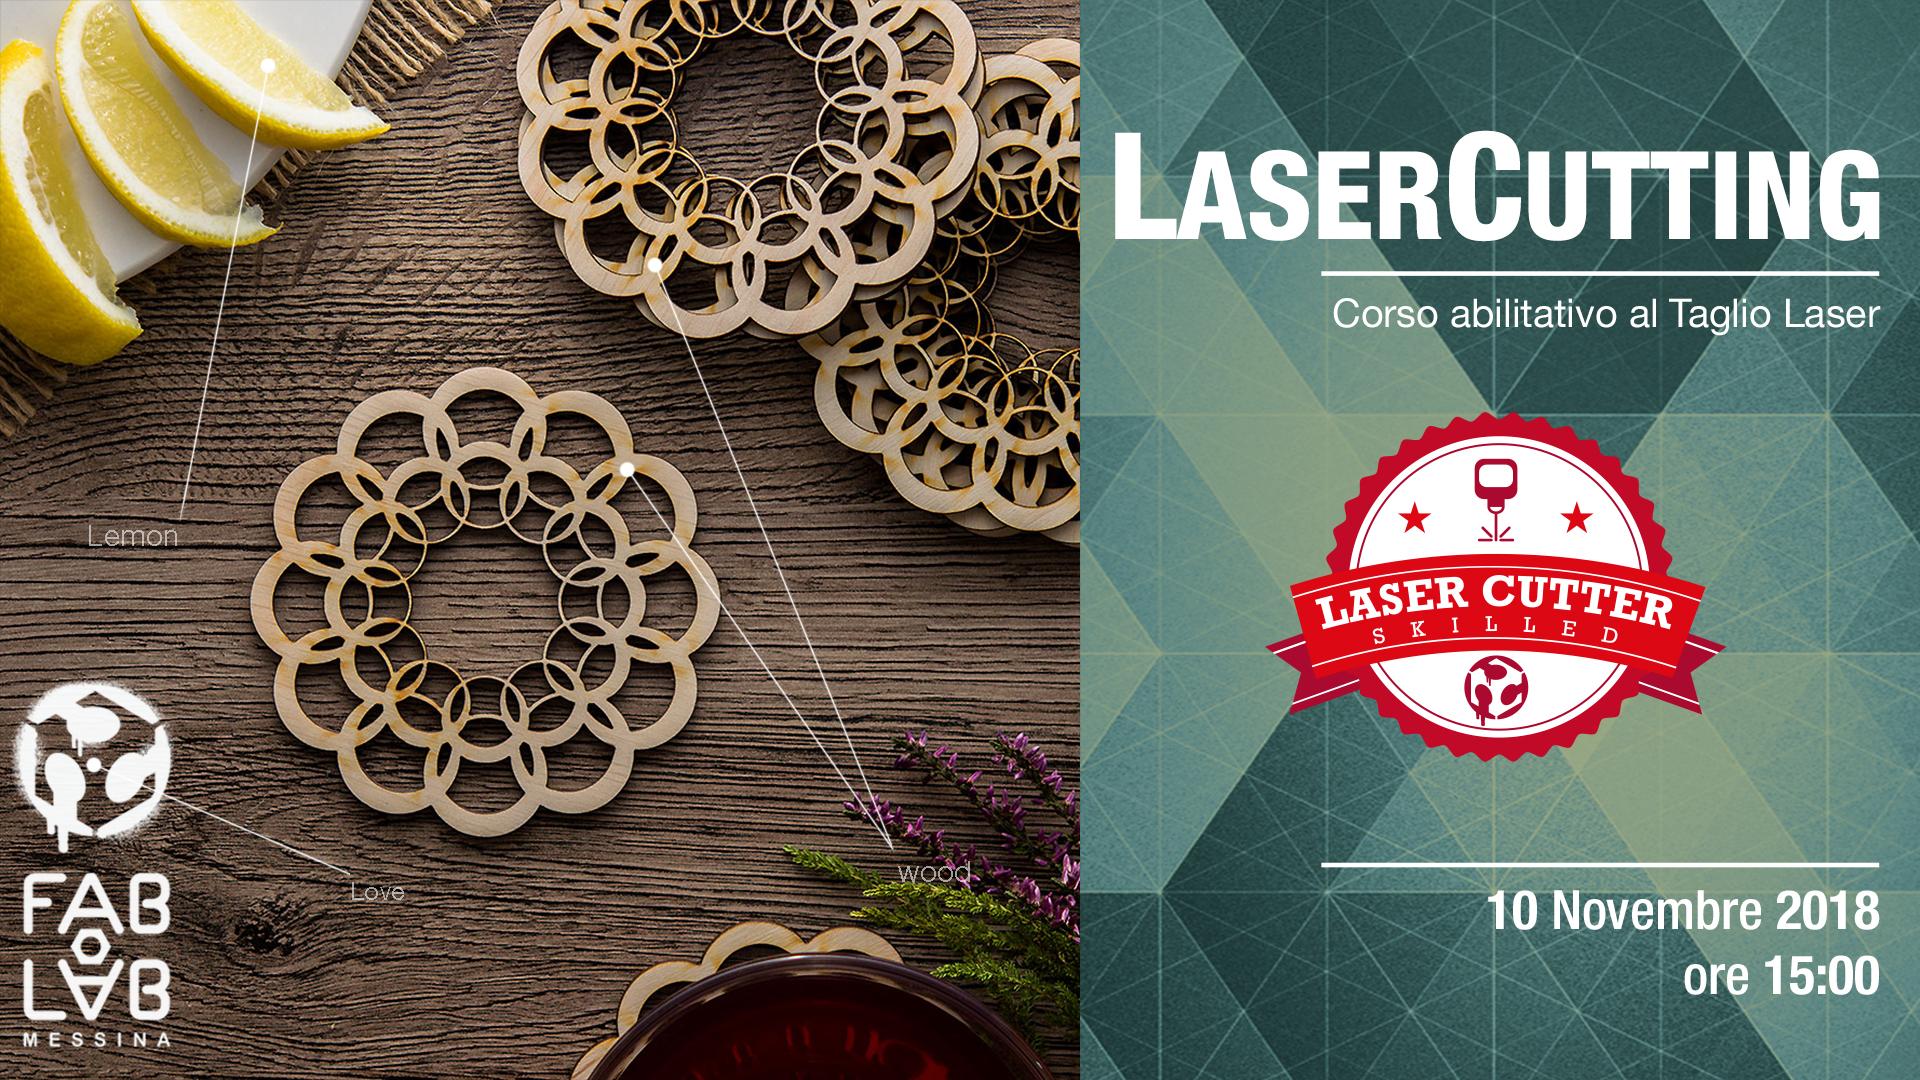 LASER CUTTING – Corso di Taglio Laser